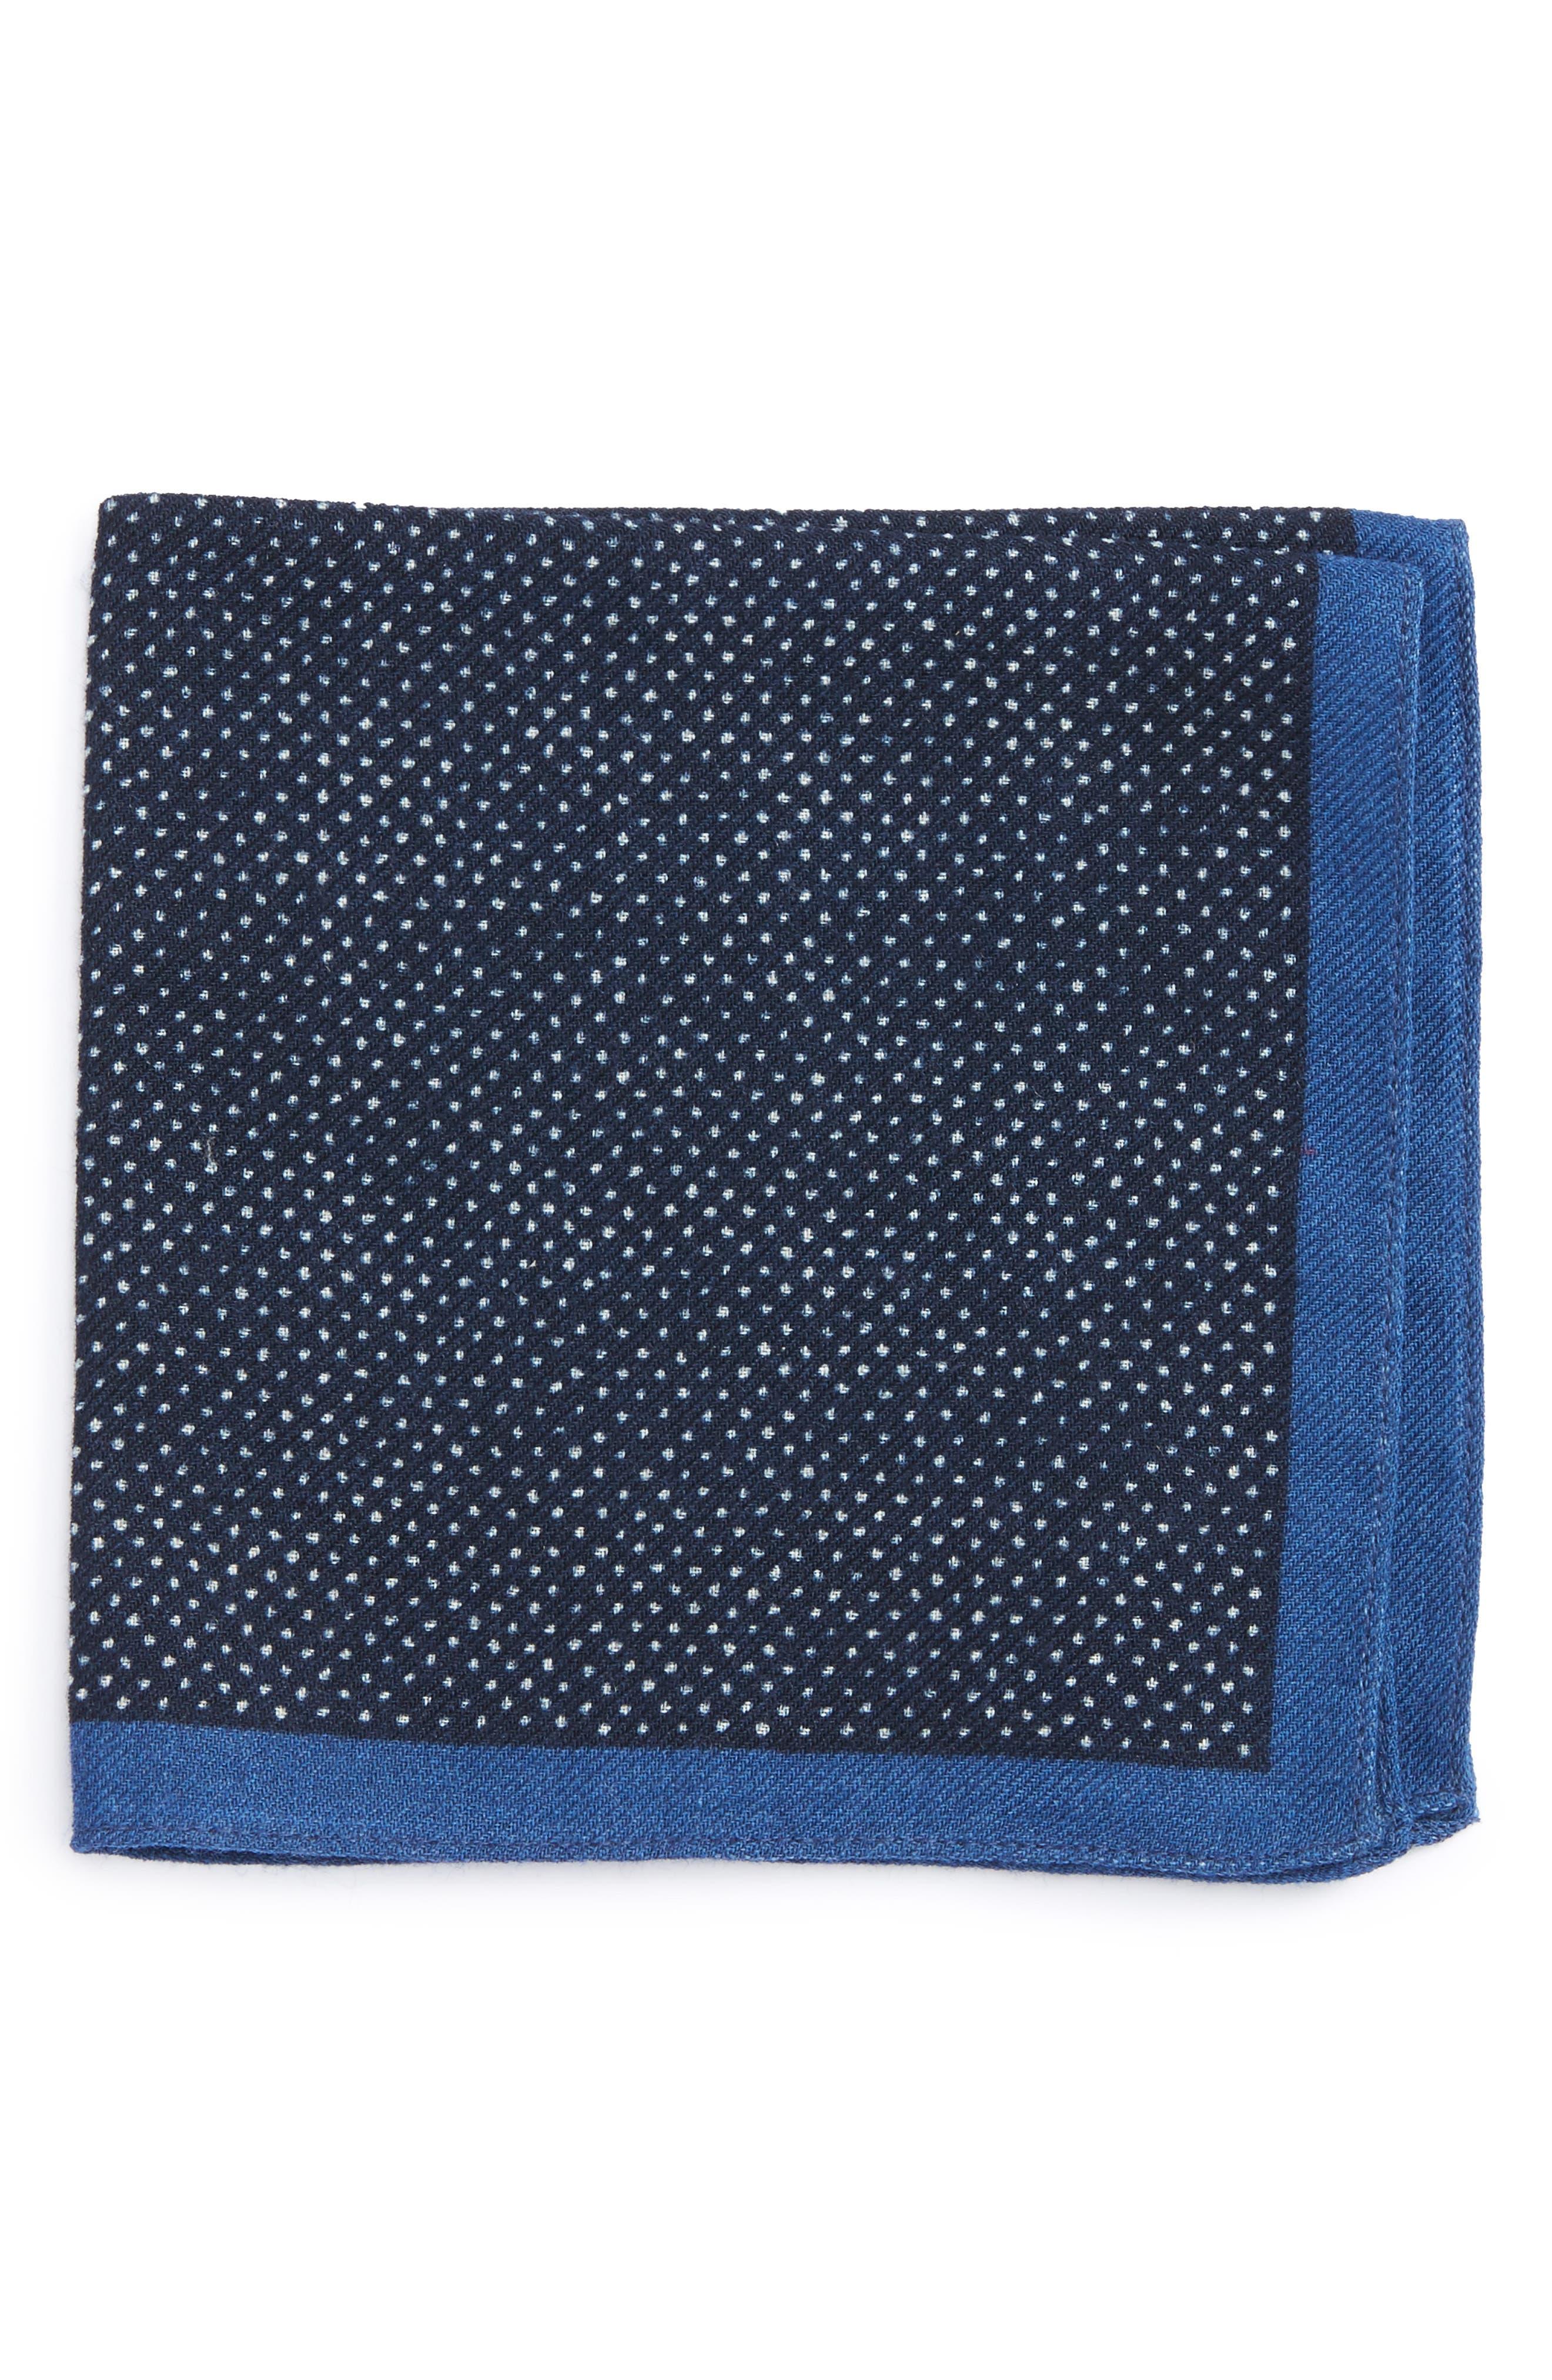 Dot Wool Pocket Square,                             Main thumbnail 1, color,                             Navy